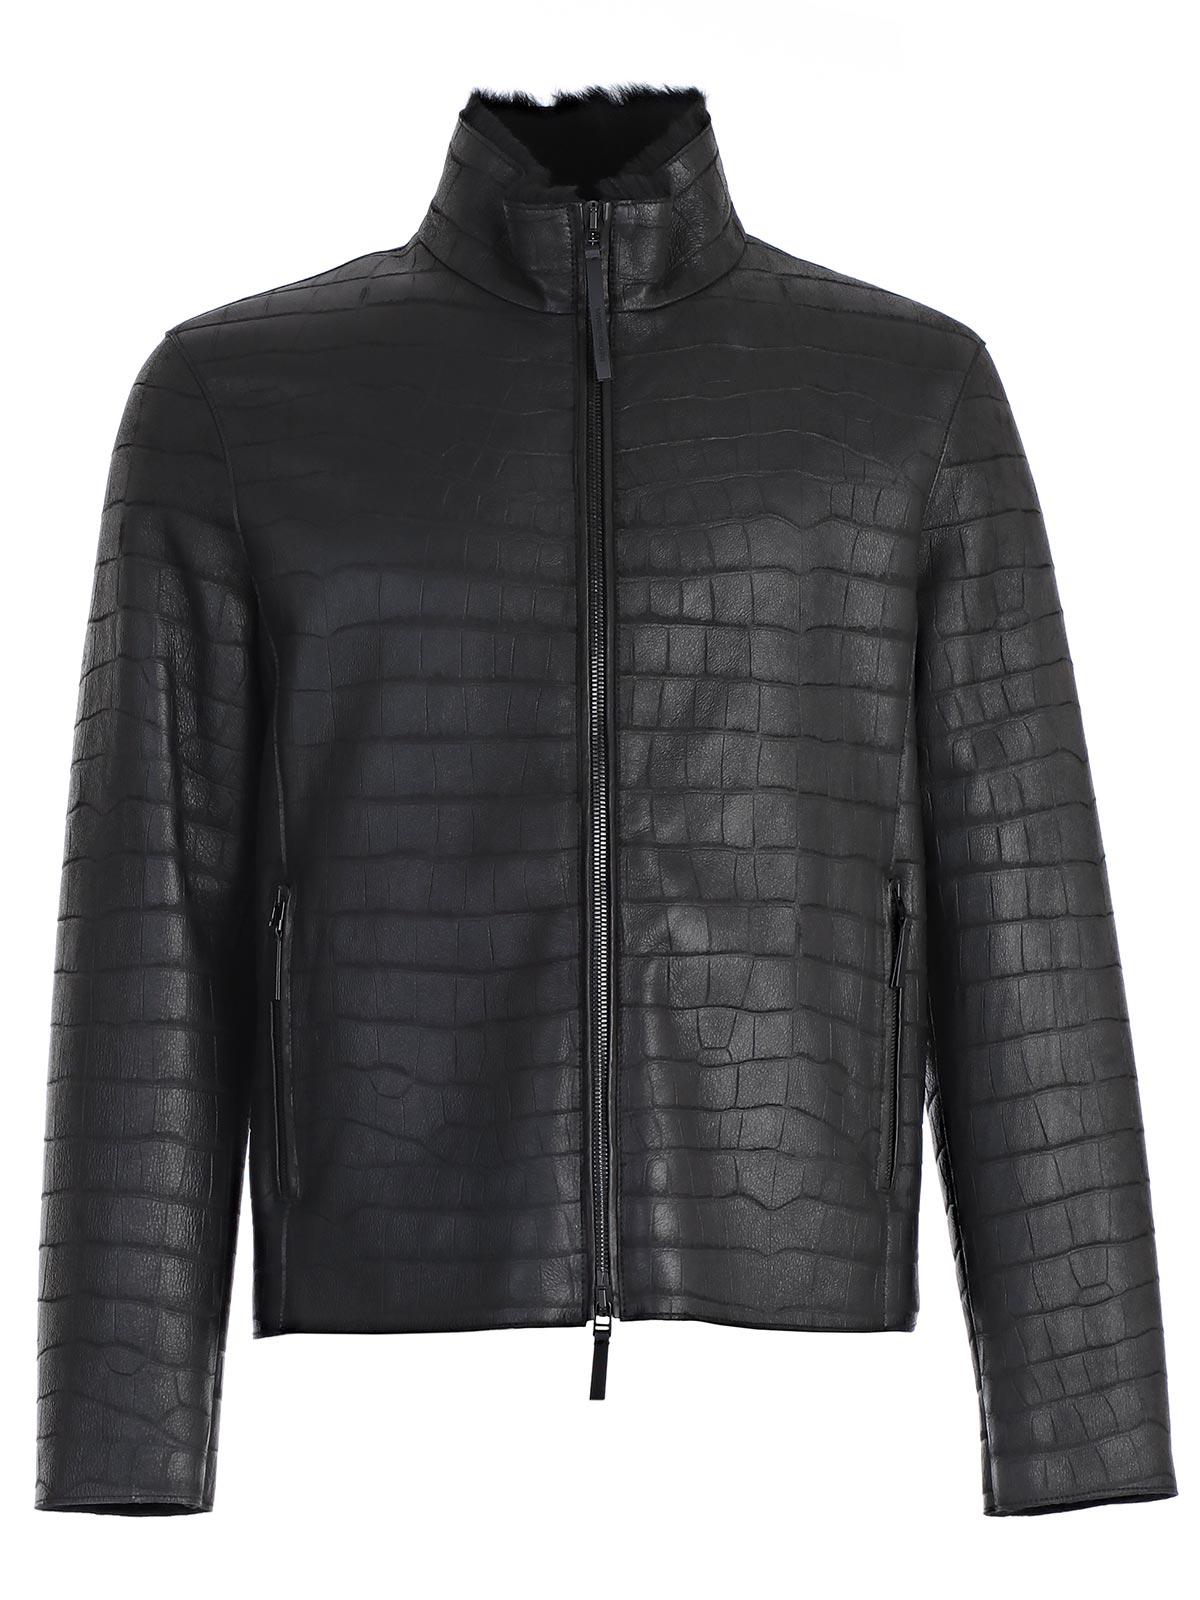 Picture of Emporio Armani Leather